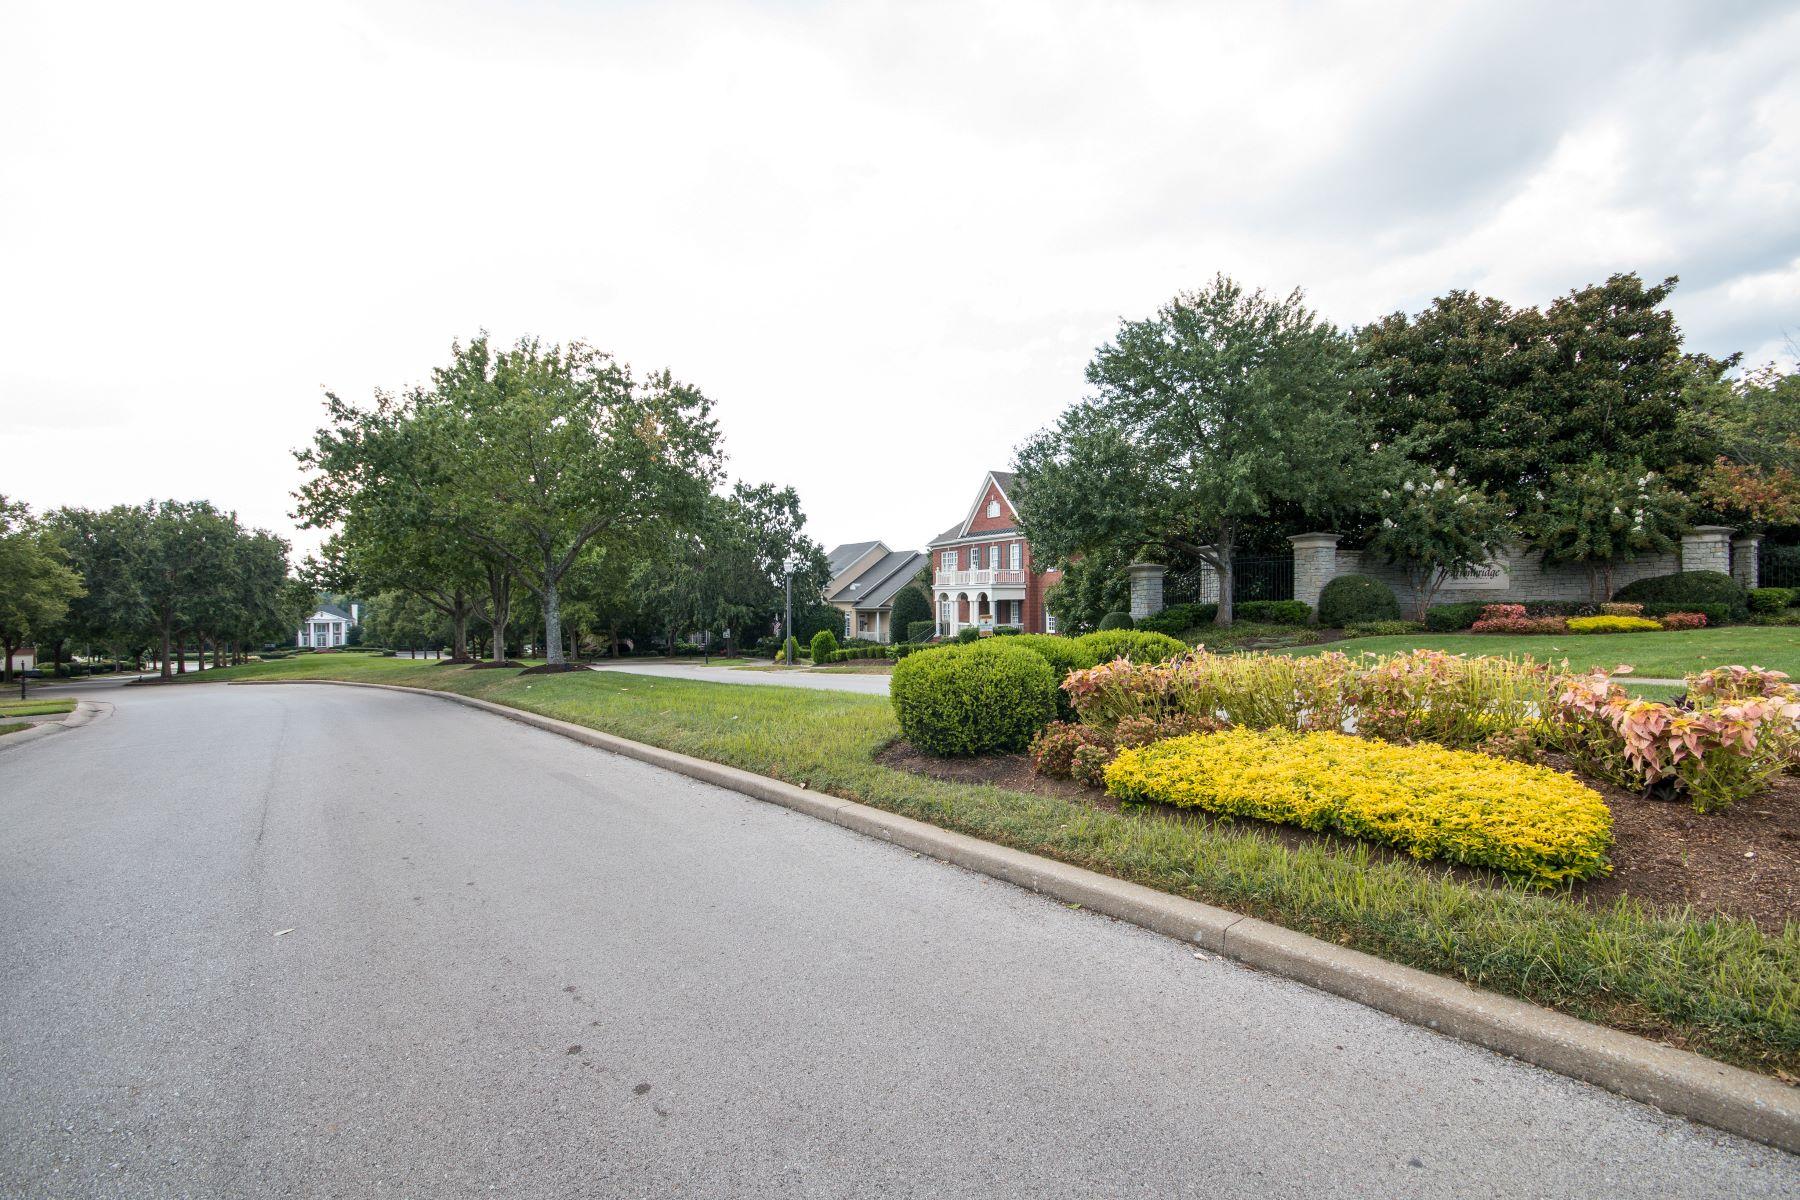 Maison unifamiliale pour l Vente à Stunning Remodeled Home in Carronbridge 440 Autumn Trail Lane Franklin, Tennessee, 37067 États-Unis